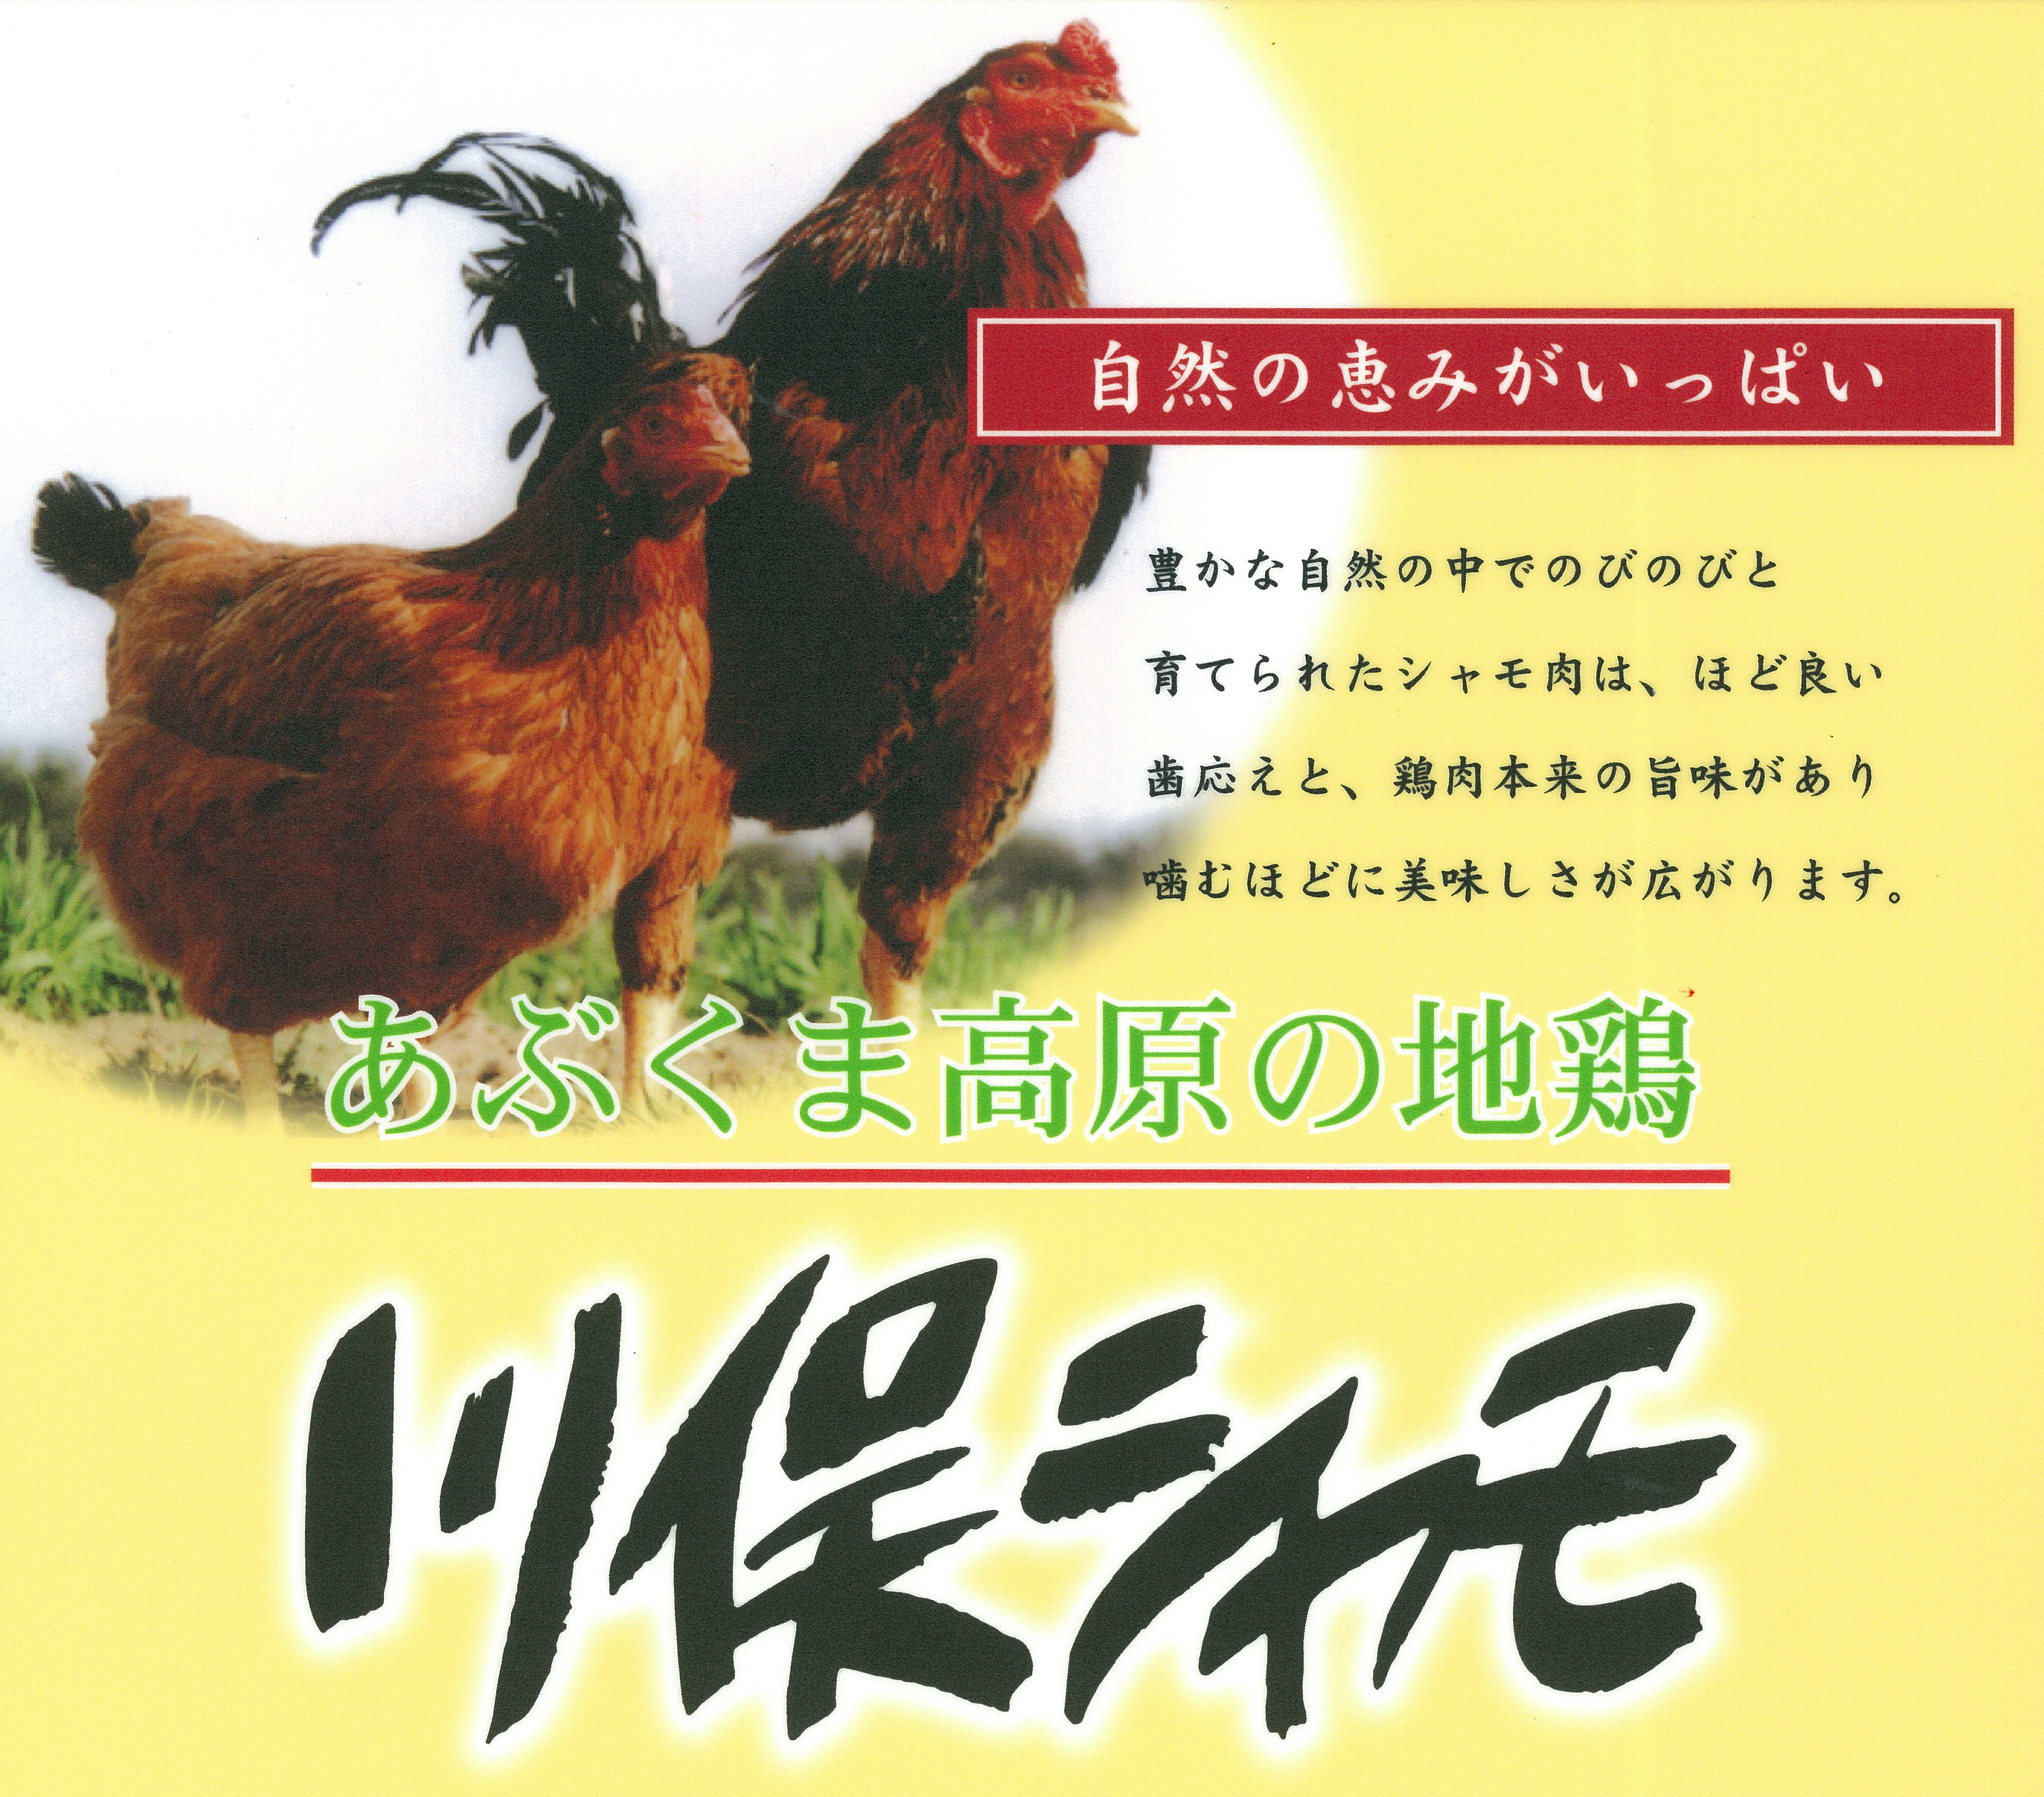 【トリム】川俣シャモ看板-1枚 2羽と肉 黄色B4.jpg